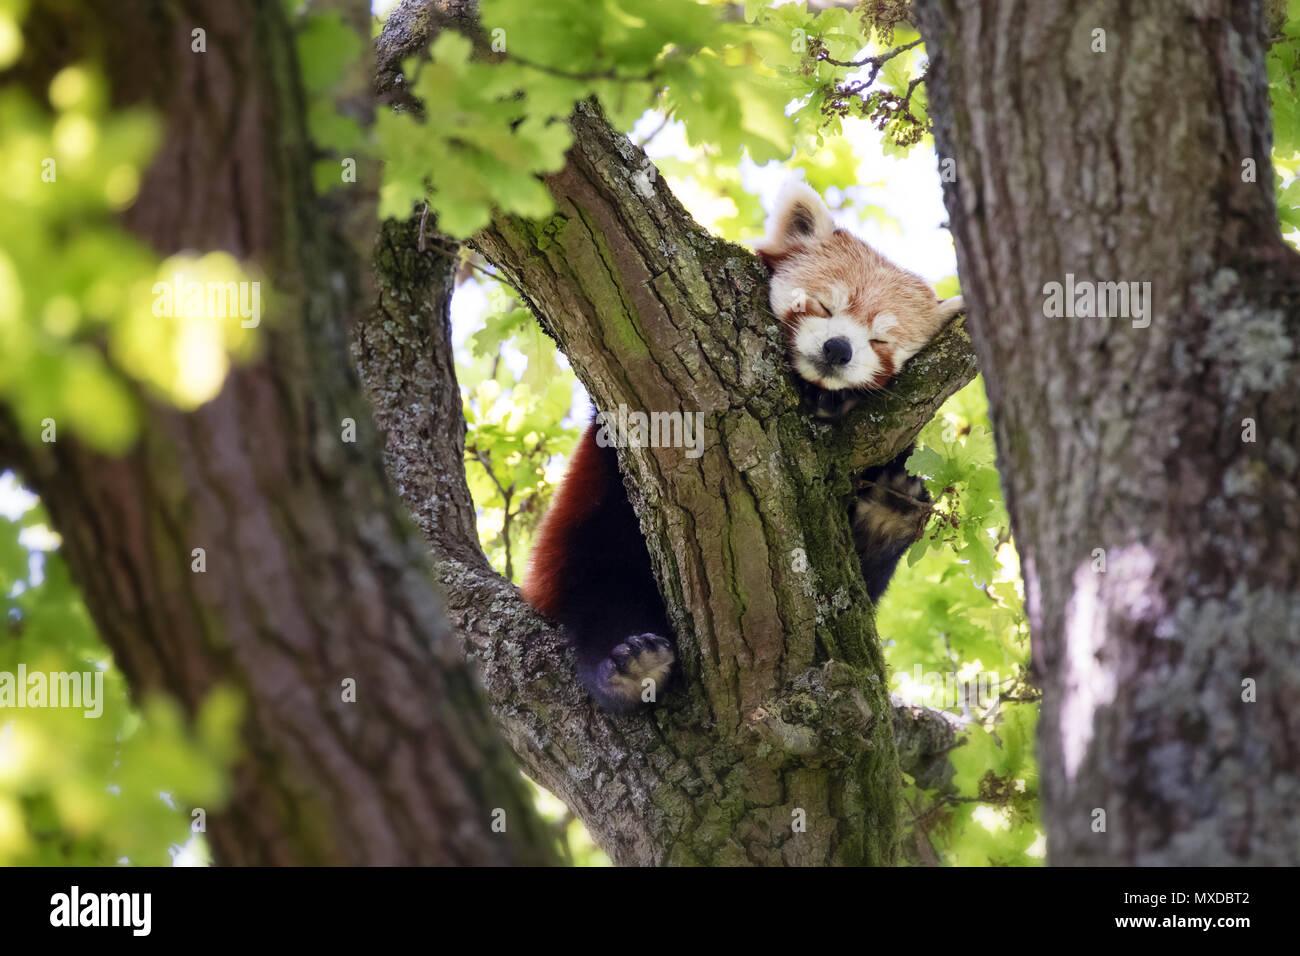 Niedlichen Roten Panda Ailurus Fulgens Schlafen In Einem Baum